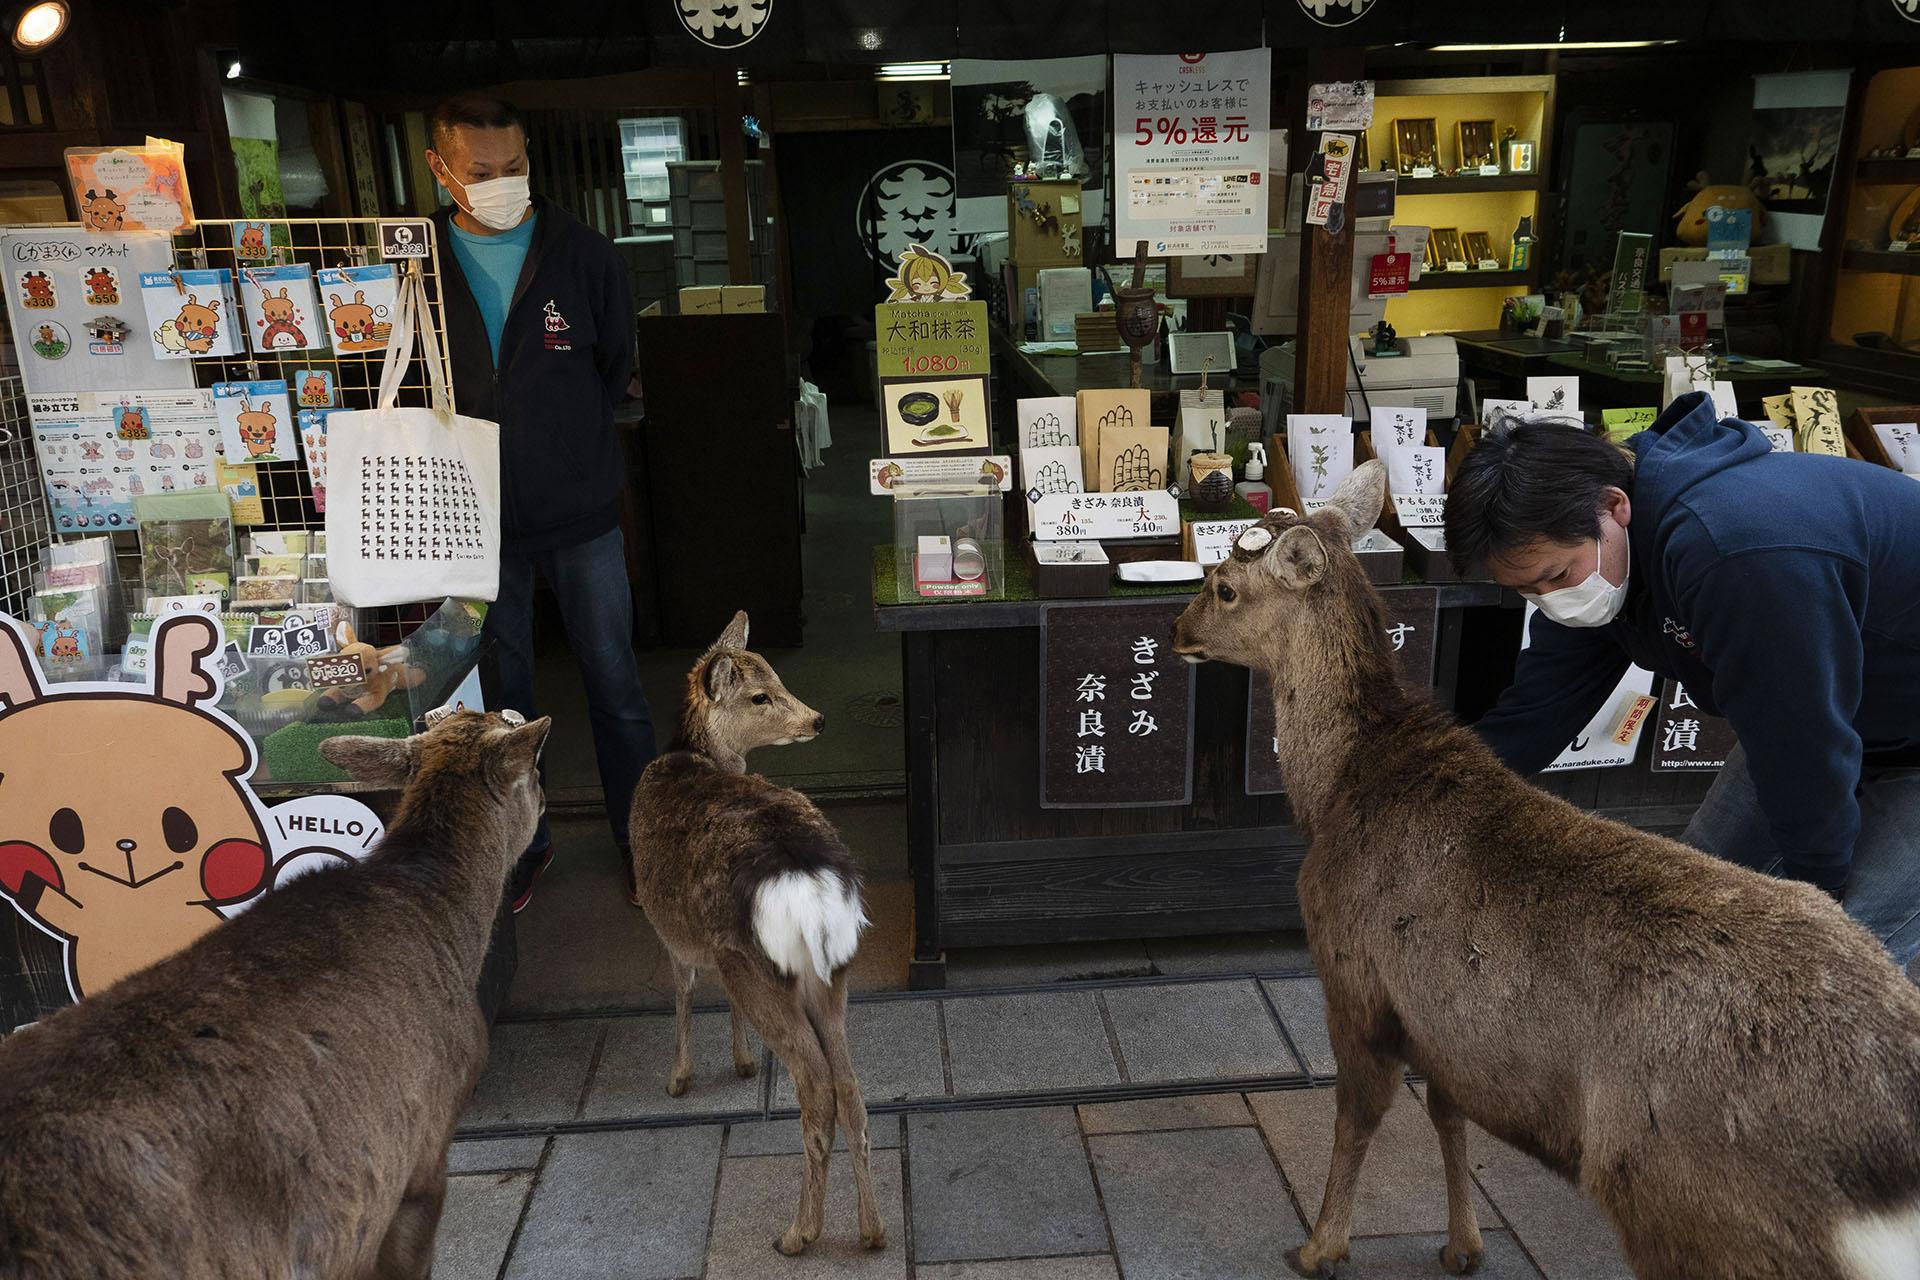 Ciervos se reúnen afuera de una tienda de recuerdos en busca de golosinas en Nara, Japón (Foto AP / Jae C. Hong)